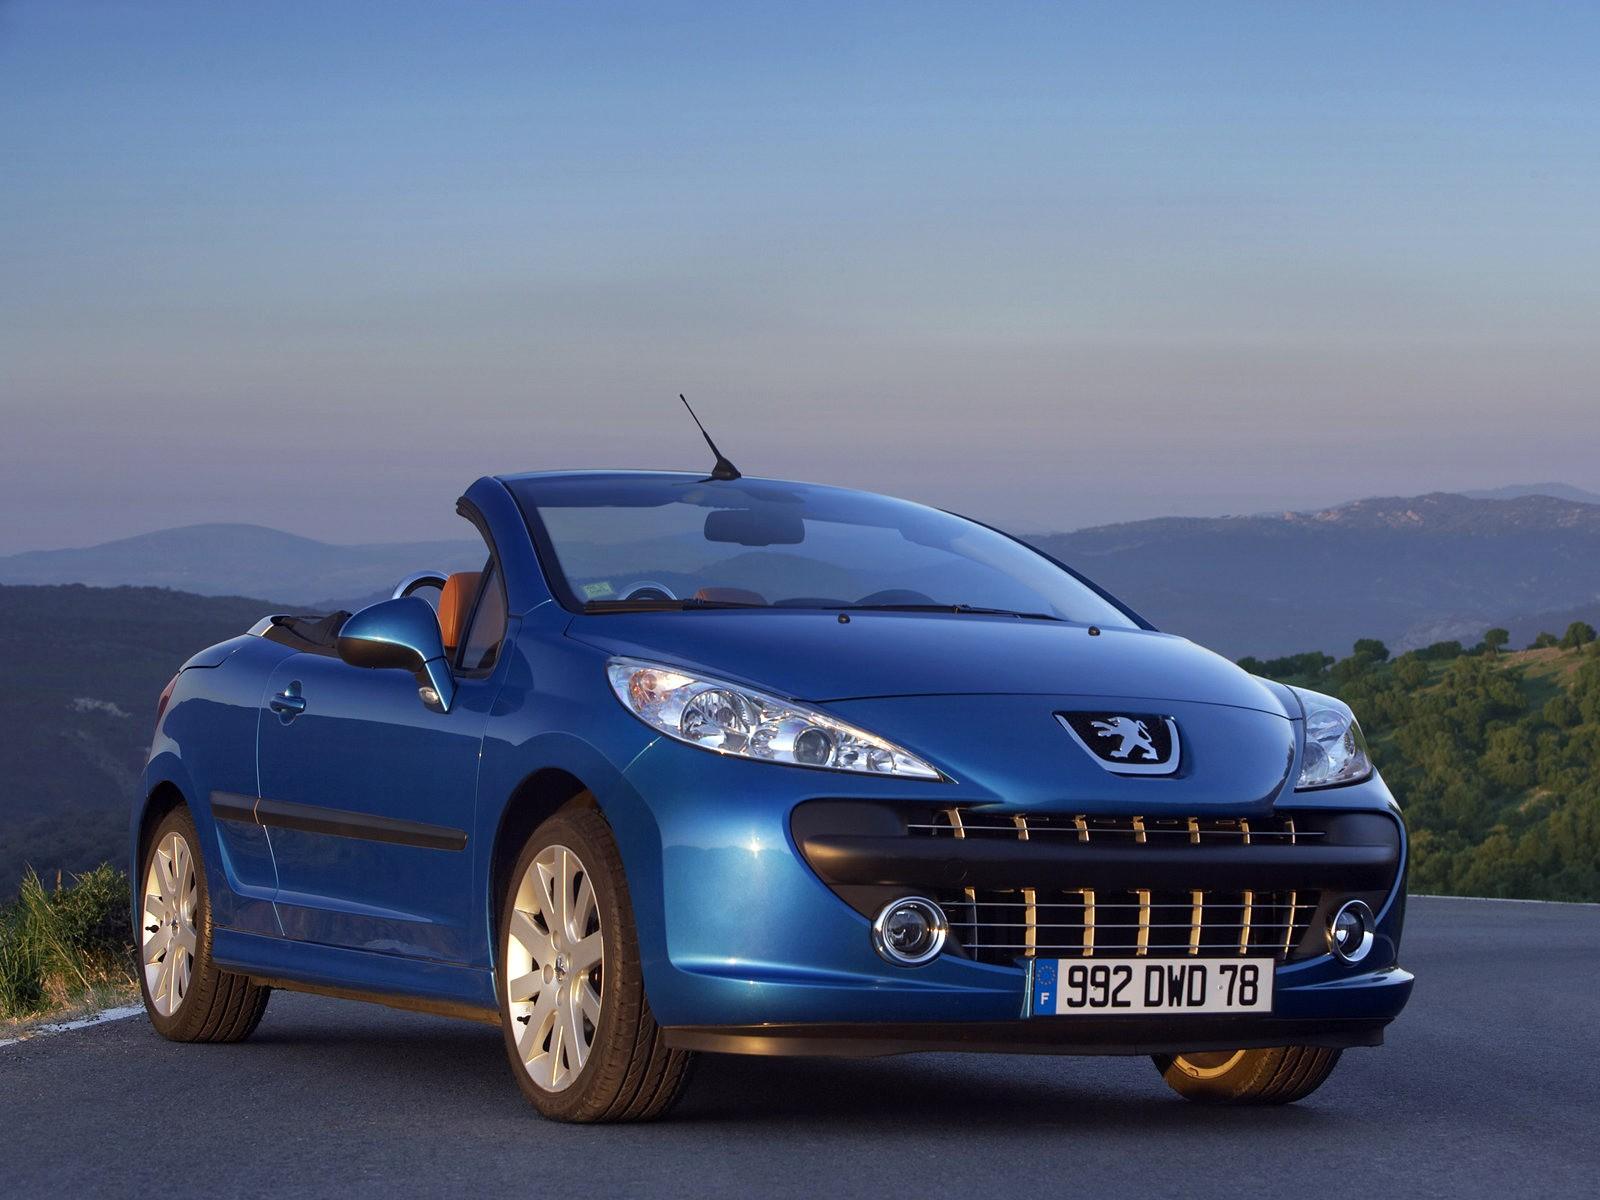 PEUGEOT 207 CC - 2007, 2008, 2009 - autoevolution